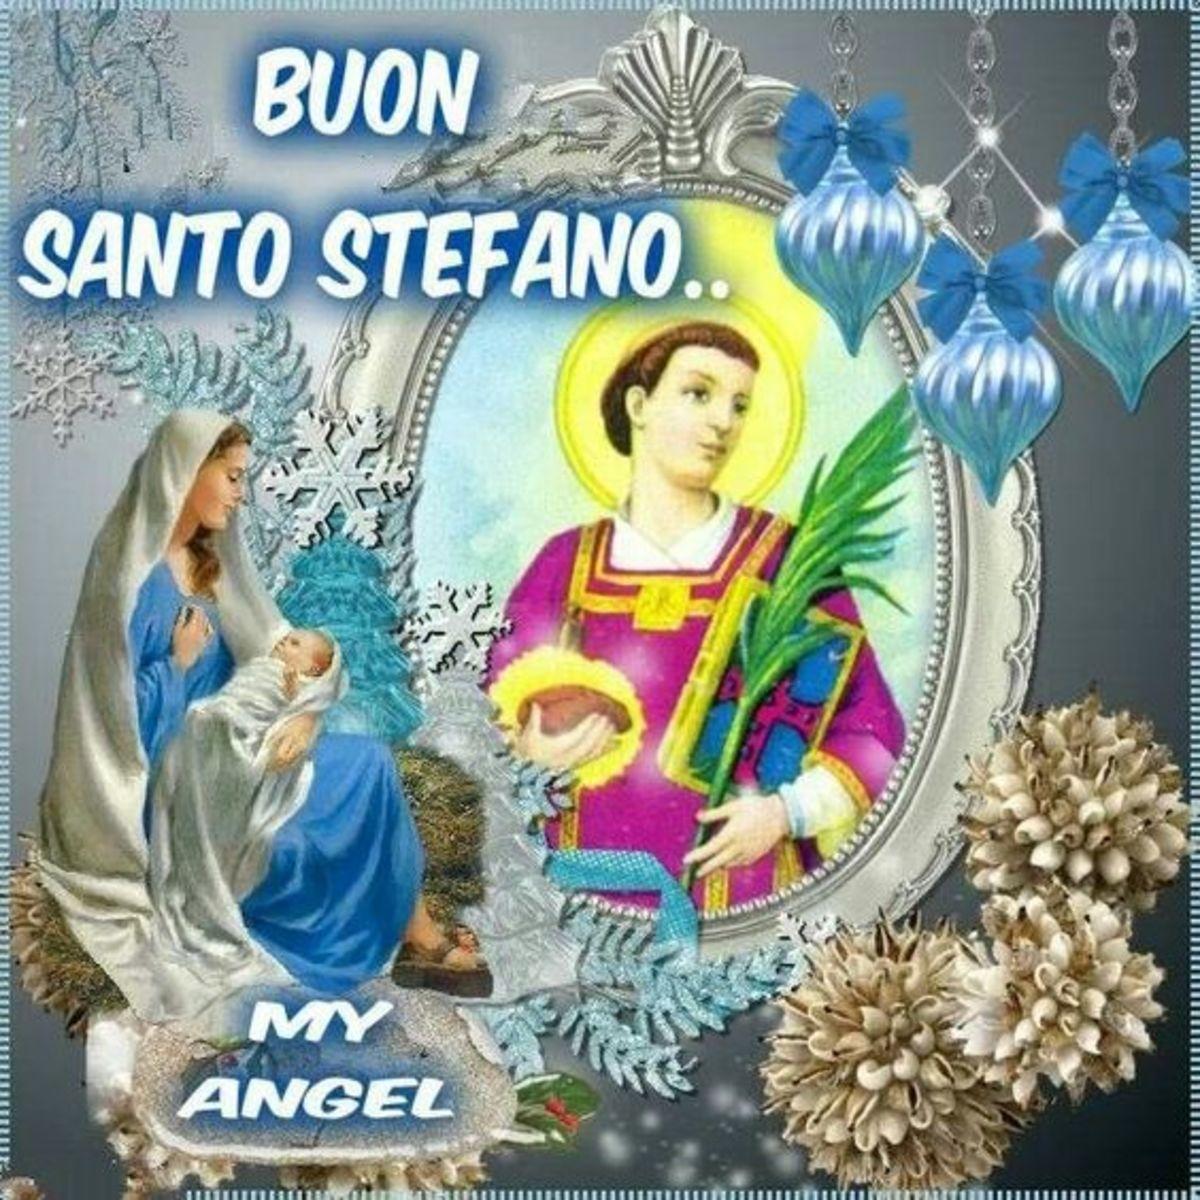 Buon Santo Stefano immagini religiose